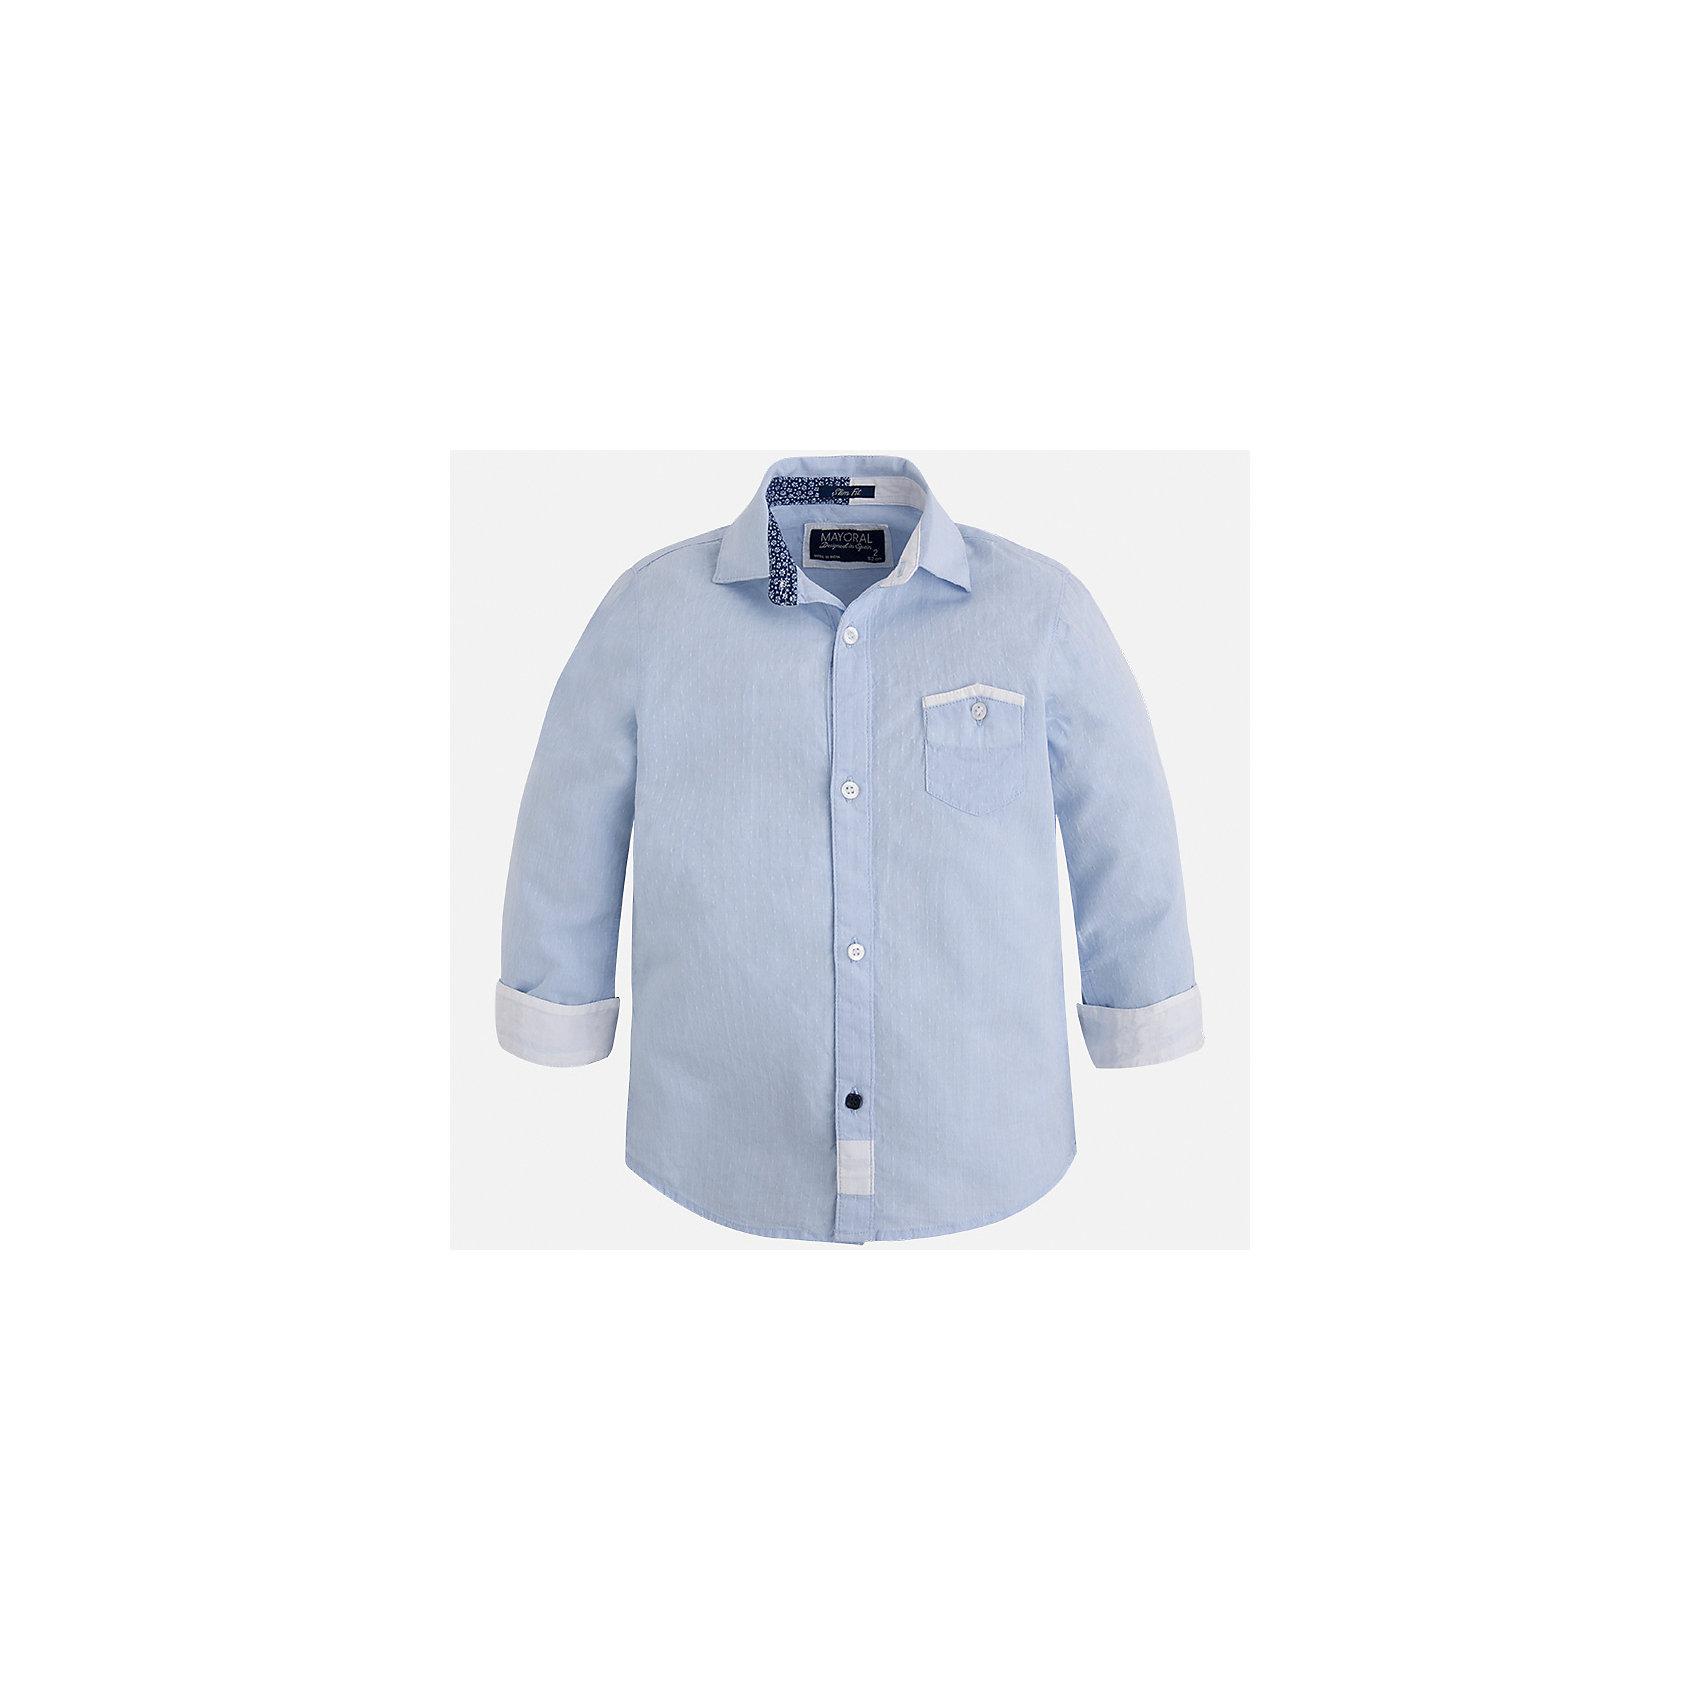 Рубашка для мальчика MayoralБлузки и рубашки<br>Характеристики товара:<br><br>• цвет: голубой<br>• состав: 100% хлопок<br>• отложной воротник<br>• рукава с отворотами<br>• застежка: пуговицы<br>• карман на груди<br>• страна бренда: Испания<br><br>Удобная модная рубашка-поло для мальчика может стать базовой вещью в гардеробе ребенка. Она отлично сочетается с брюками, шортами, джинсами и т.д. Универсальный крой и цвет позволяет подобрать к вещи низ разных расцветок. Практичное и стильное изделие! В составе материала - только натуральный хлопок, гипоаллергенный, приятный на ощупь, дышащий.<br><br>Одежда, обувь и аксессуары от испанского бренда Mayoral полюбились детям и взрослым по всему миру. Модели этой марки - стильные и удобные. Для их производства используются только безопасные, качественные материалы и фурнитура. Порадуйте ребенка модными и красивыми вещами от Mayoral! <br><br>Рубашку-поло для мальчика от испанского бренда Mayoral (Майорал) можно купить в нашем интернет-магазине.<br><br>Ширина мм: 174<br>Глубина мм: 10<br>Высота мм: 169<br>Вес г: 157<br>Цвет: голубой<br>Возраст от месяцев: 18<br>Возраст до месяцев: 24<br>Пол: Мужской<br>Возраст: Детский<br>Размер: 92,98,110,134,128,122,116,104<br>SKU: 5272423